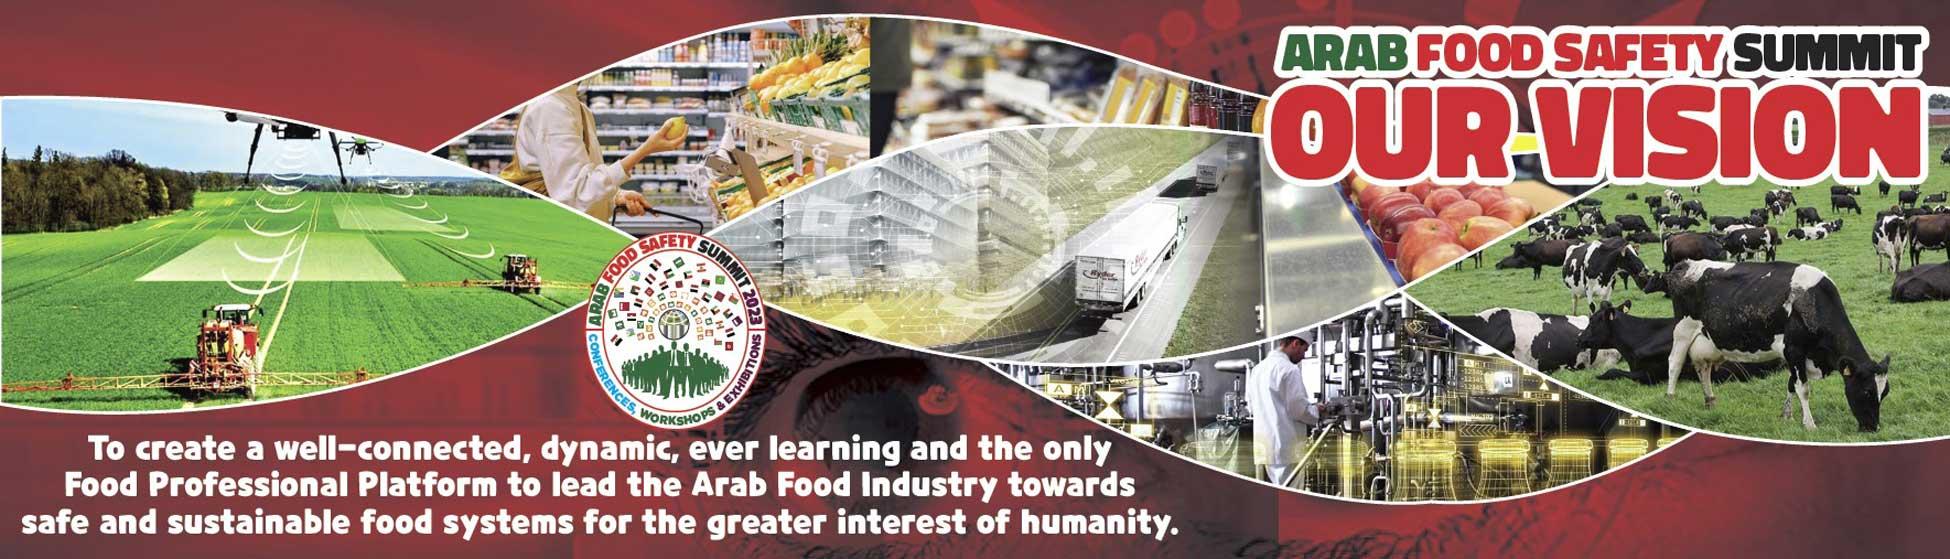 Arab Food Safety Summit Slide 04